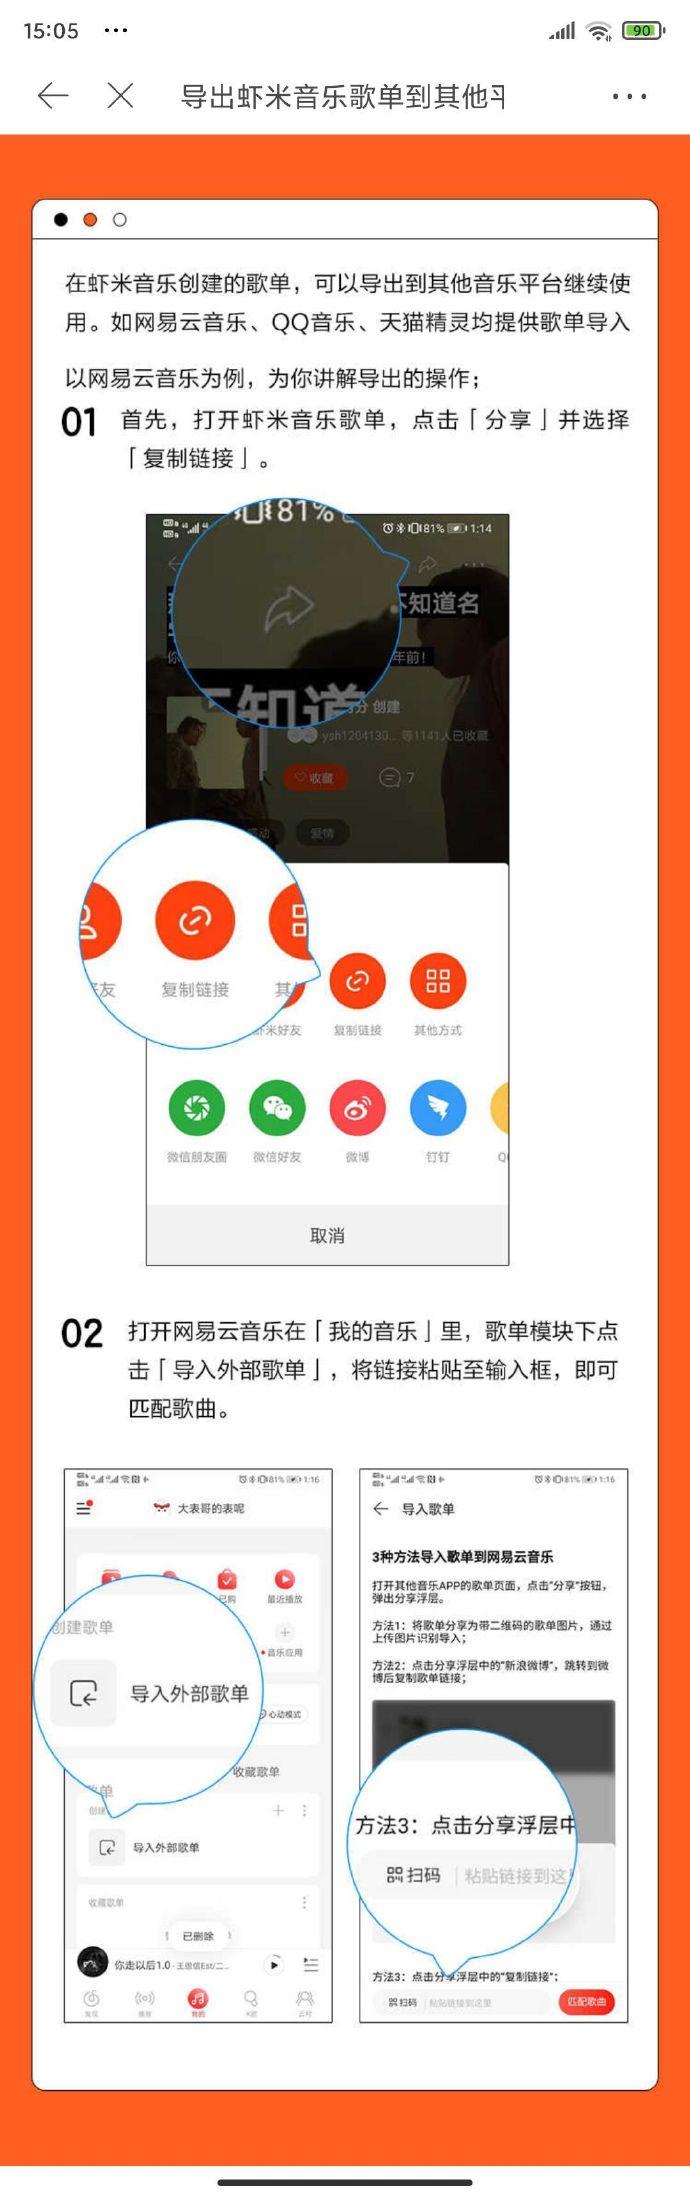 虾米音乐歌单导出到网易云/QQ音乐方法介绍 虾米音乐歌单怎么导出